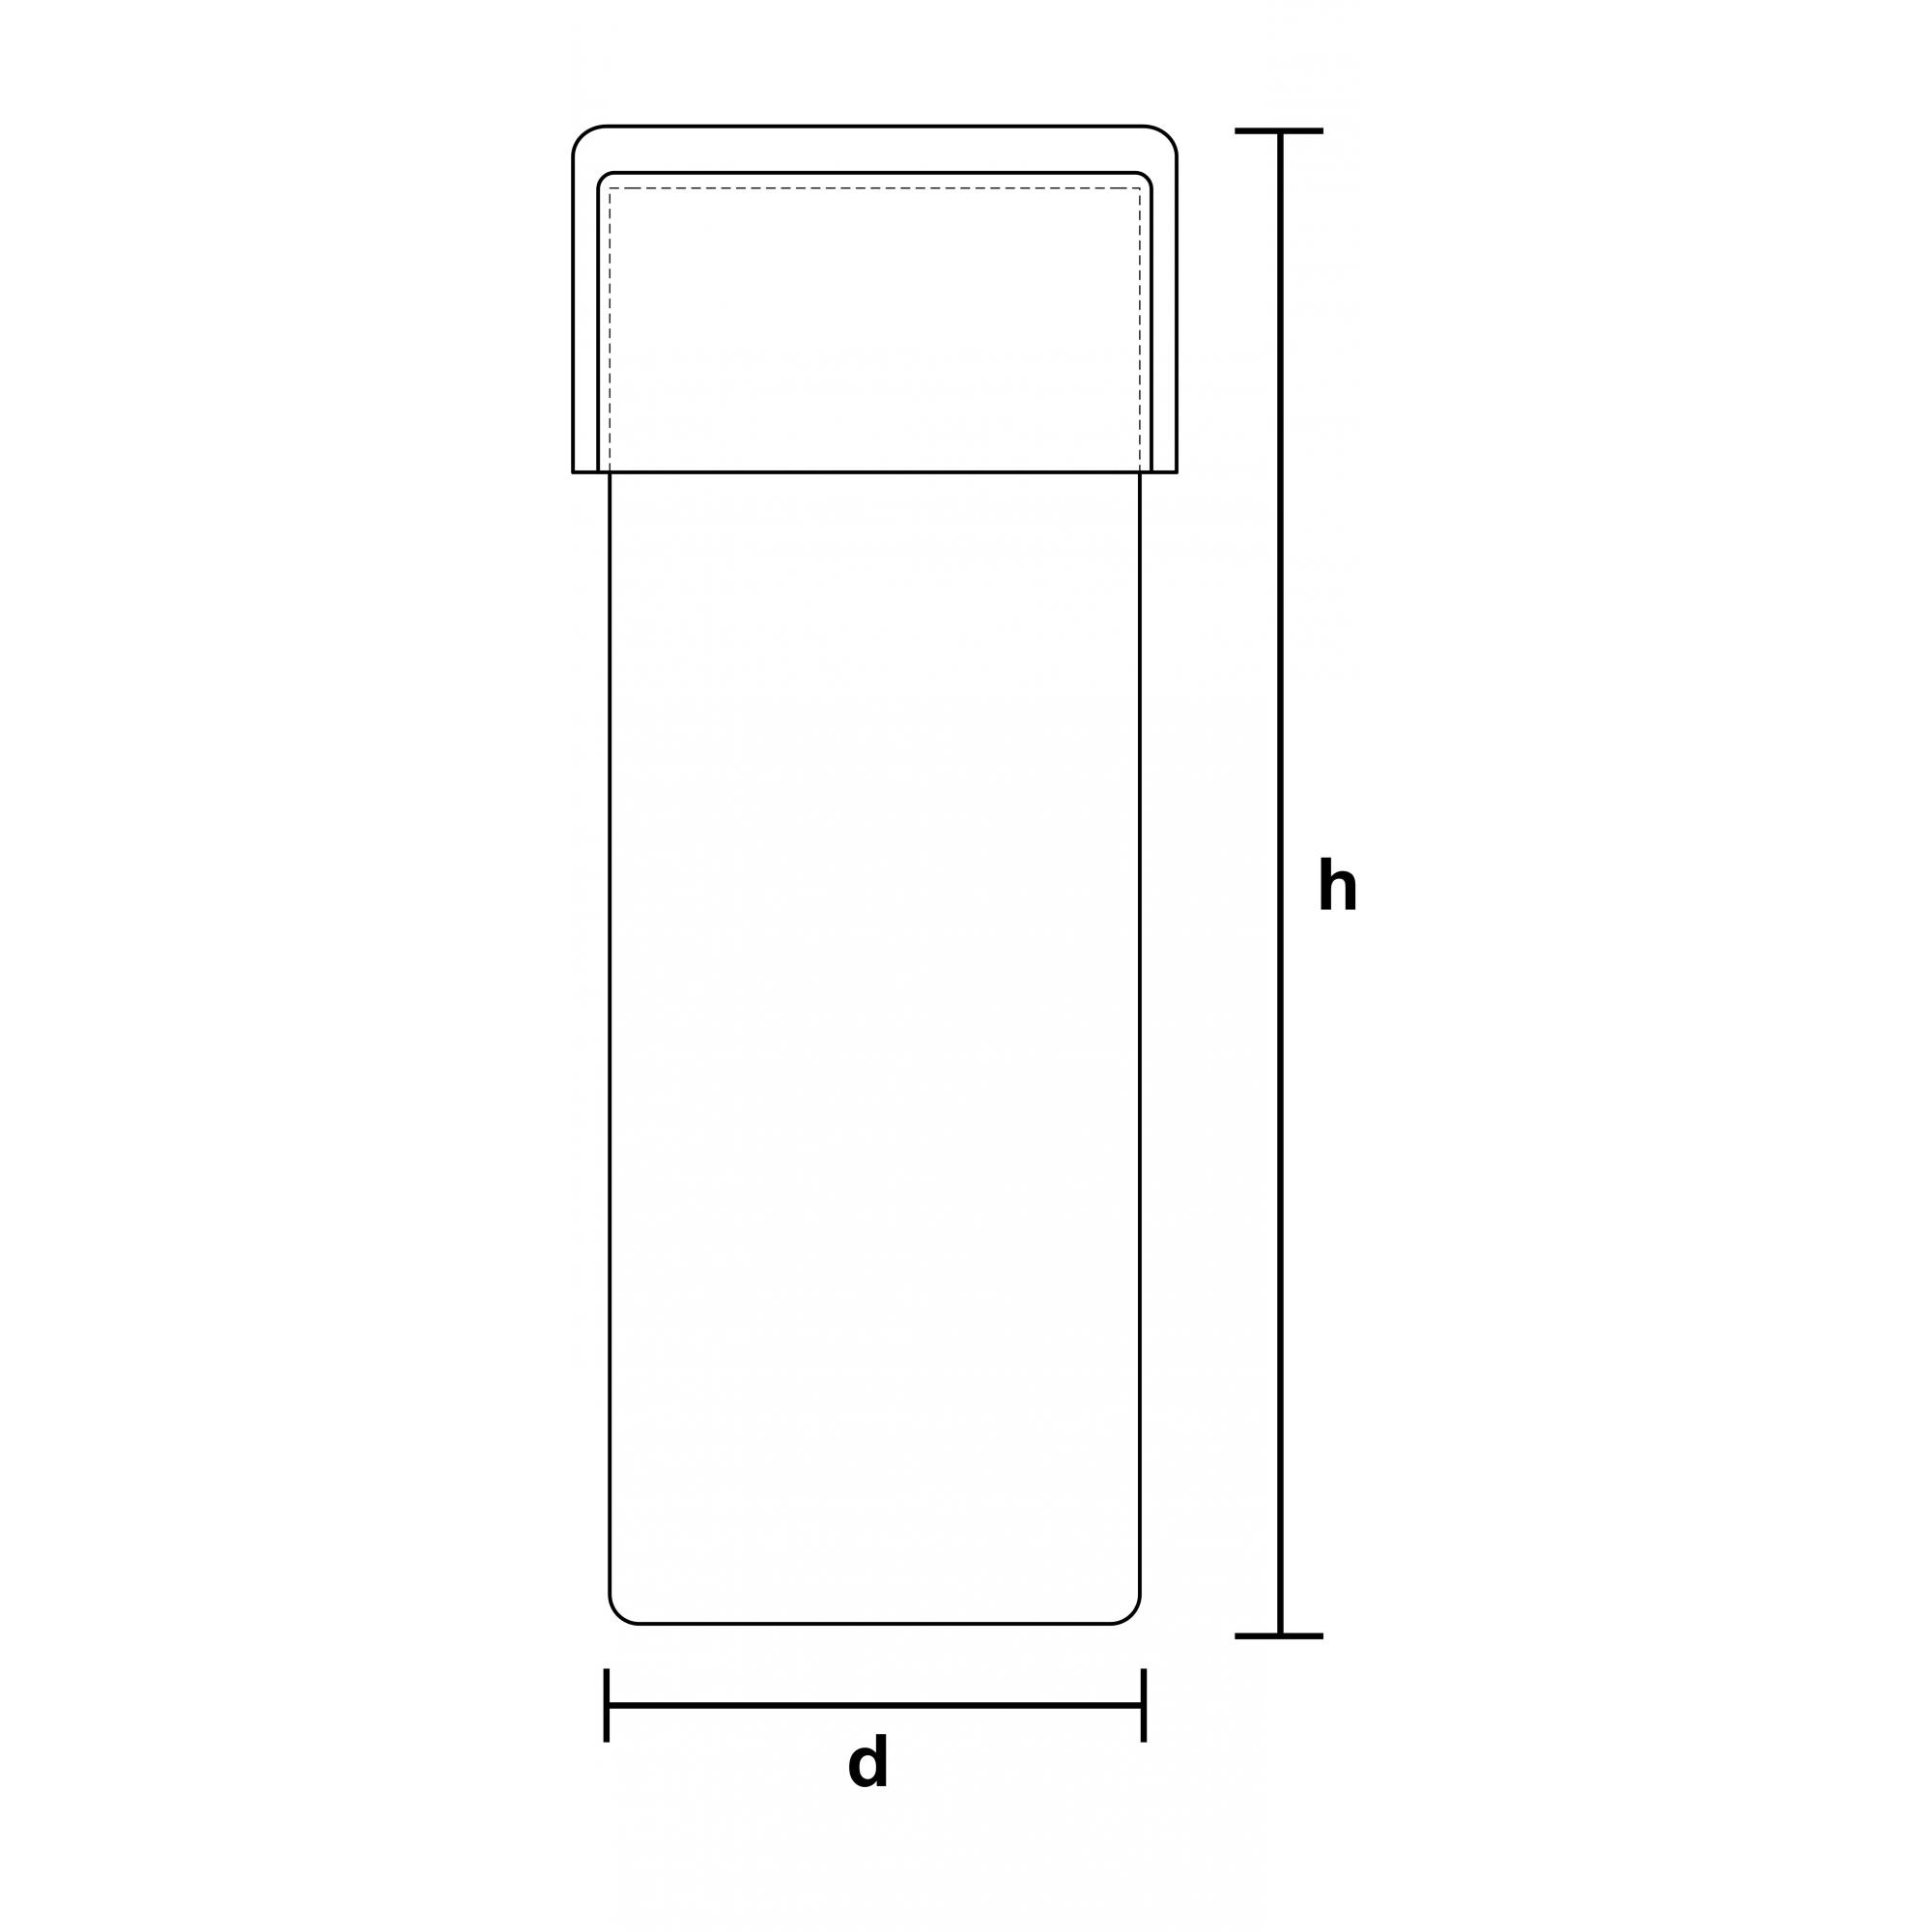 FRASCO BOREL COM TAMPA 40 X 100 MM - Laborglas - Cód. 9320840